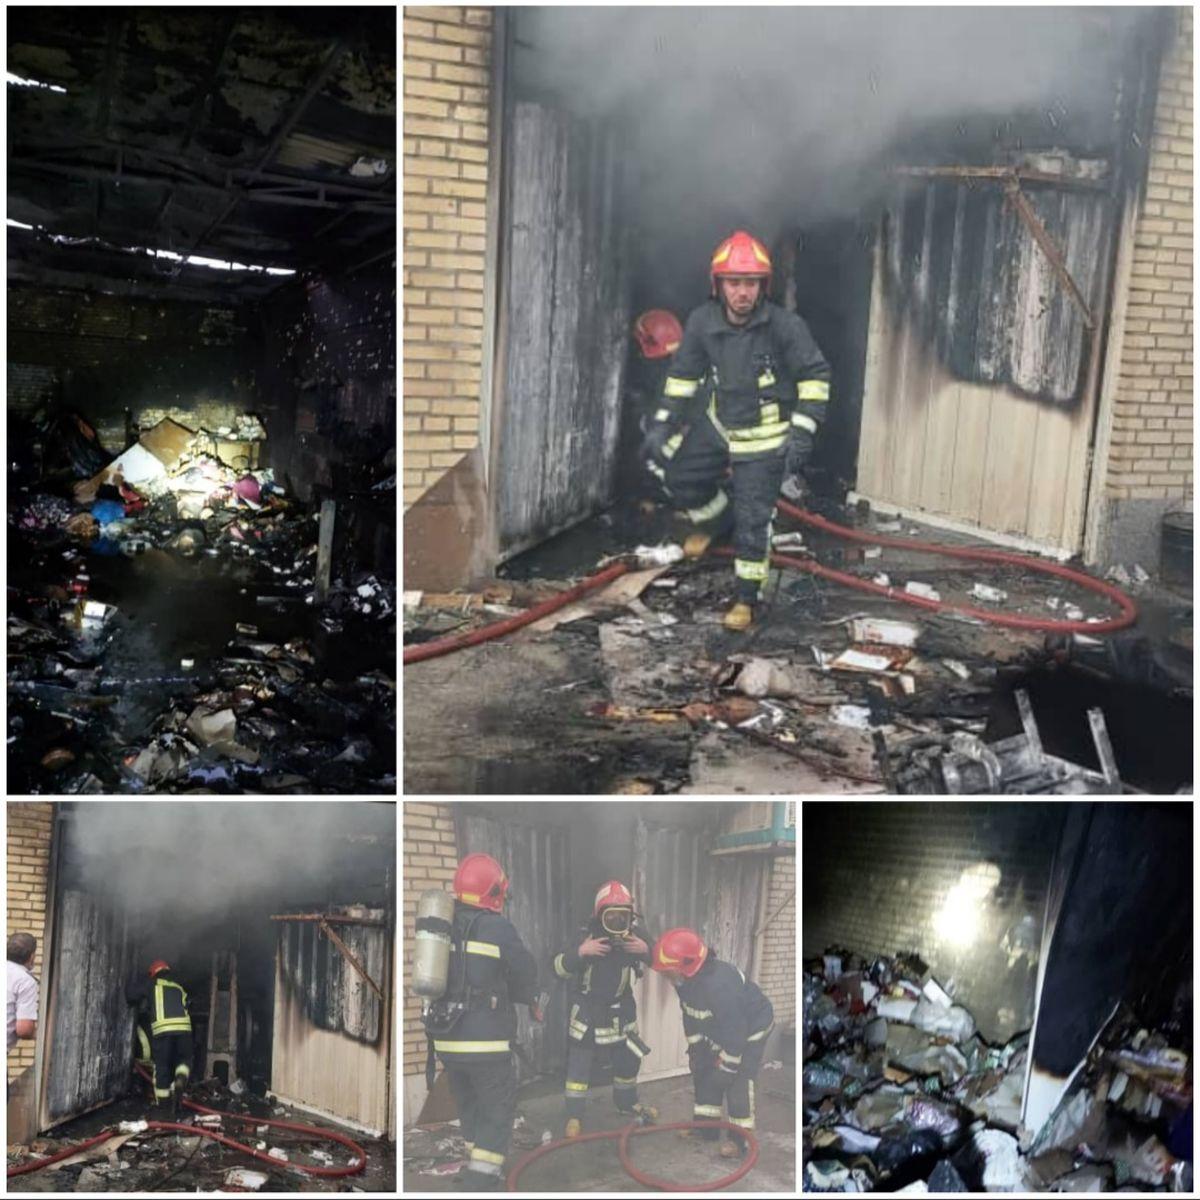 تلاش ۲ساعته ۳ ایستگاه آتشنشانی شهرداری قدس در اطفای حریق شرکت تولید جعبه کادو